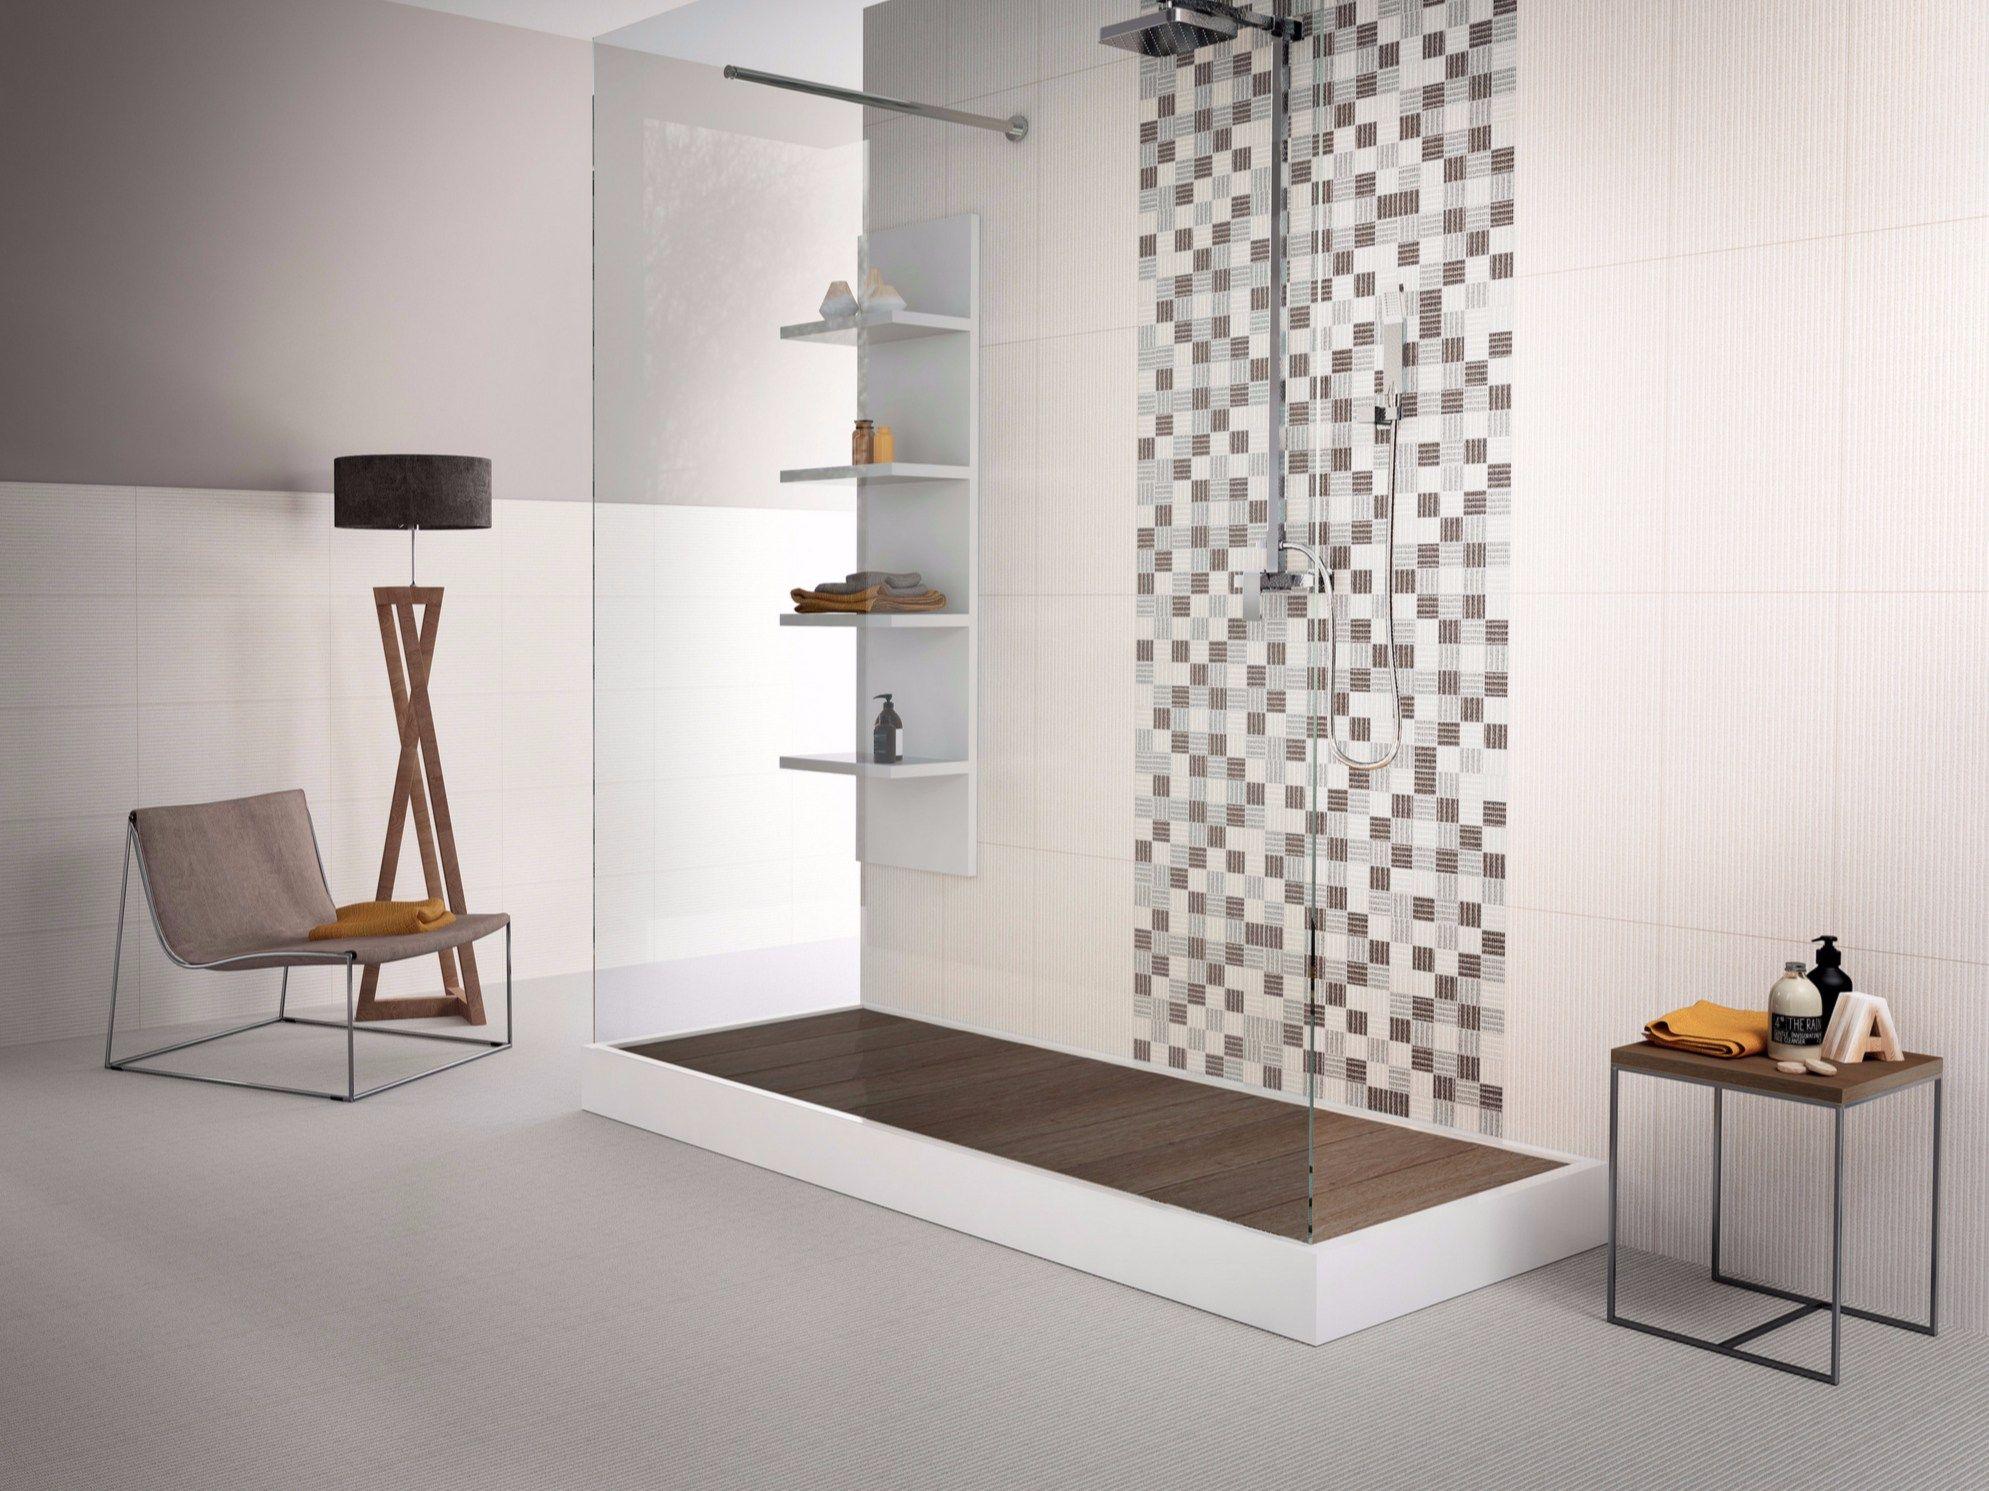 Pavimento rivestimento in gres porcellanato effetto - Rivestimento bagno gres porcellanato ...